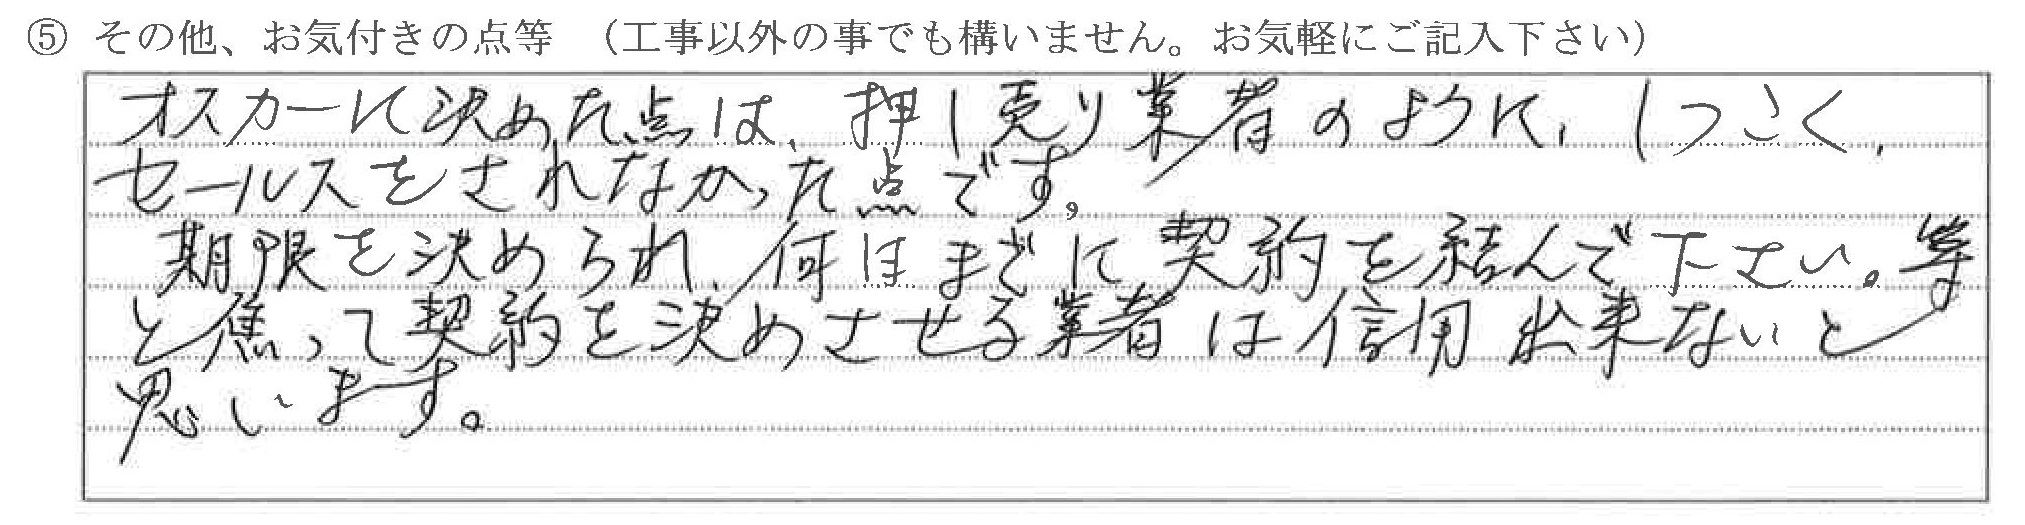 富山県富山市 K様に頂いた外装改修工事についてのお気づきの点がありましたら、お聞かせ下さい。というご質問について「外装改修工事」というお声についての画像